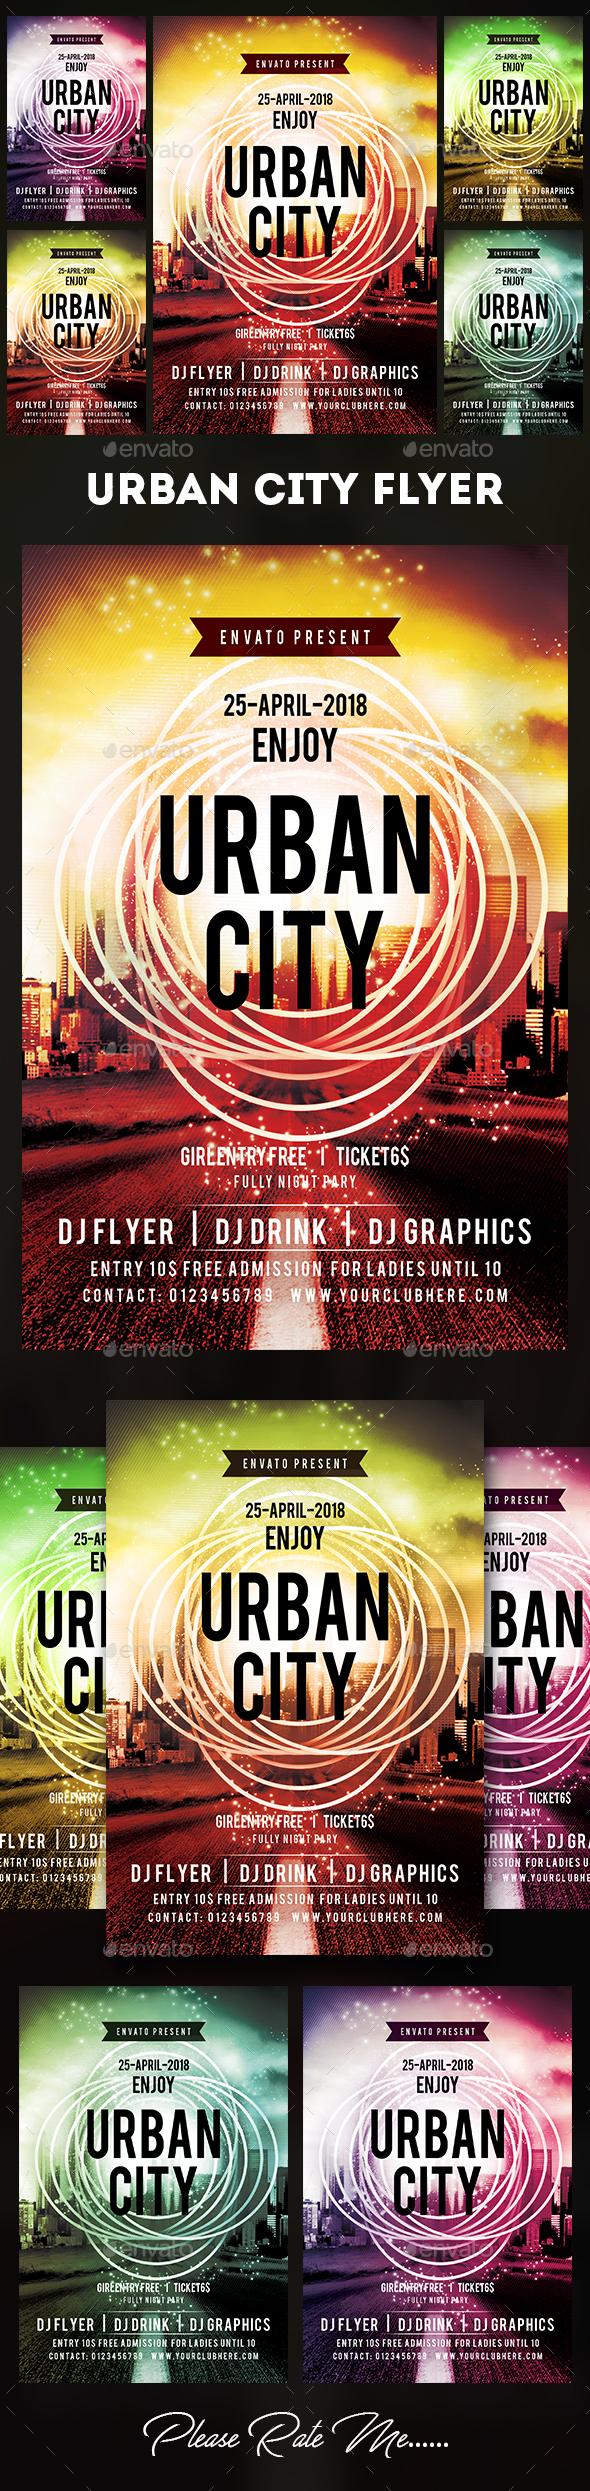 Urban City Flyer - Events Flyers